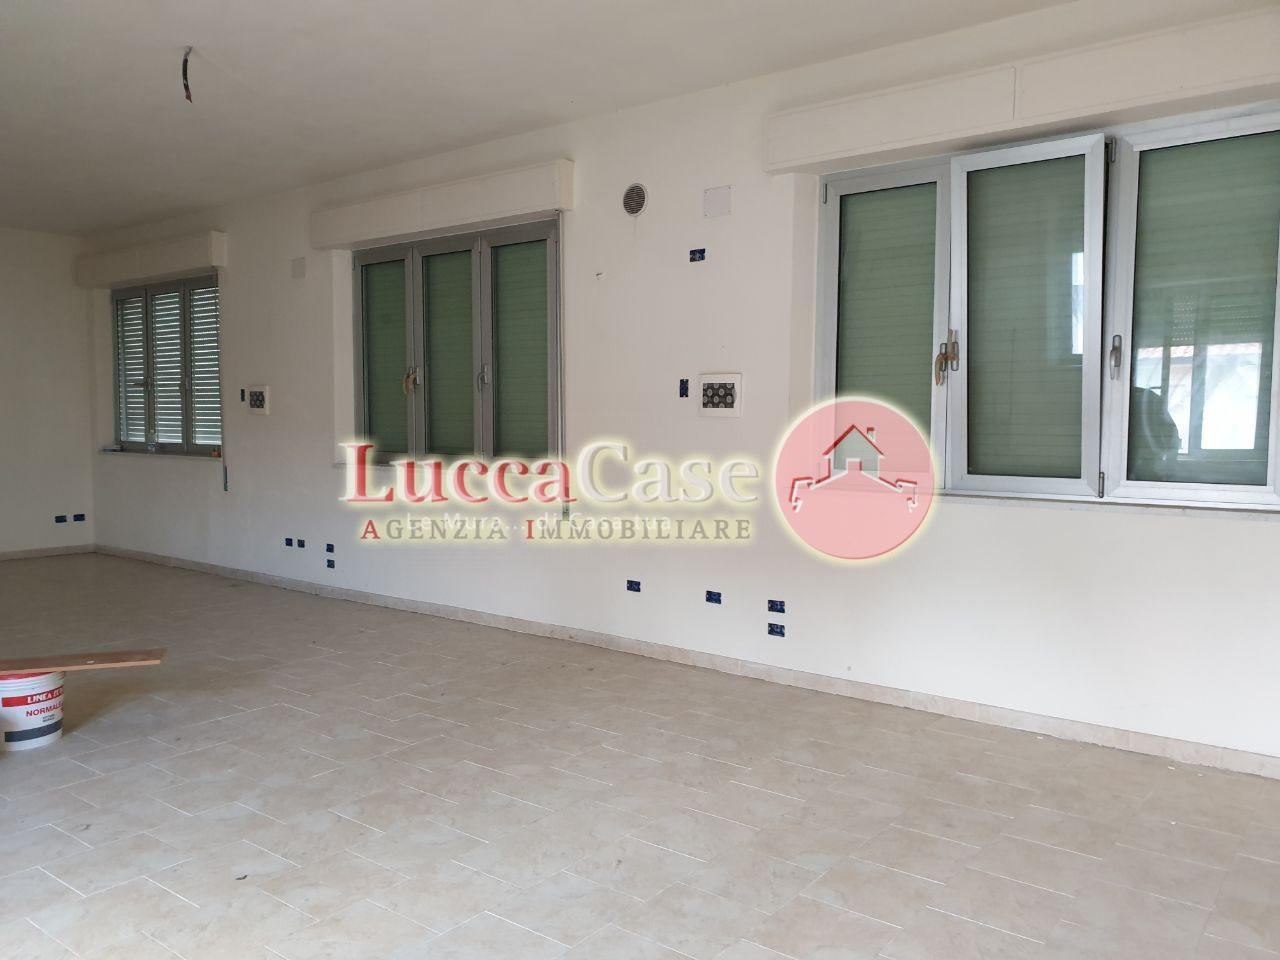 Ufficio in affitto commerciale a Capannori (LU)